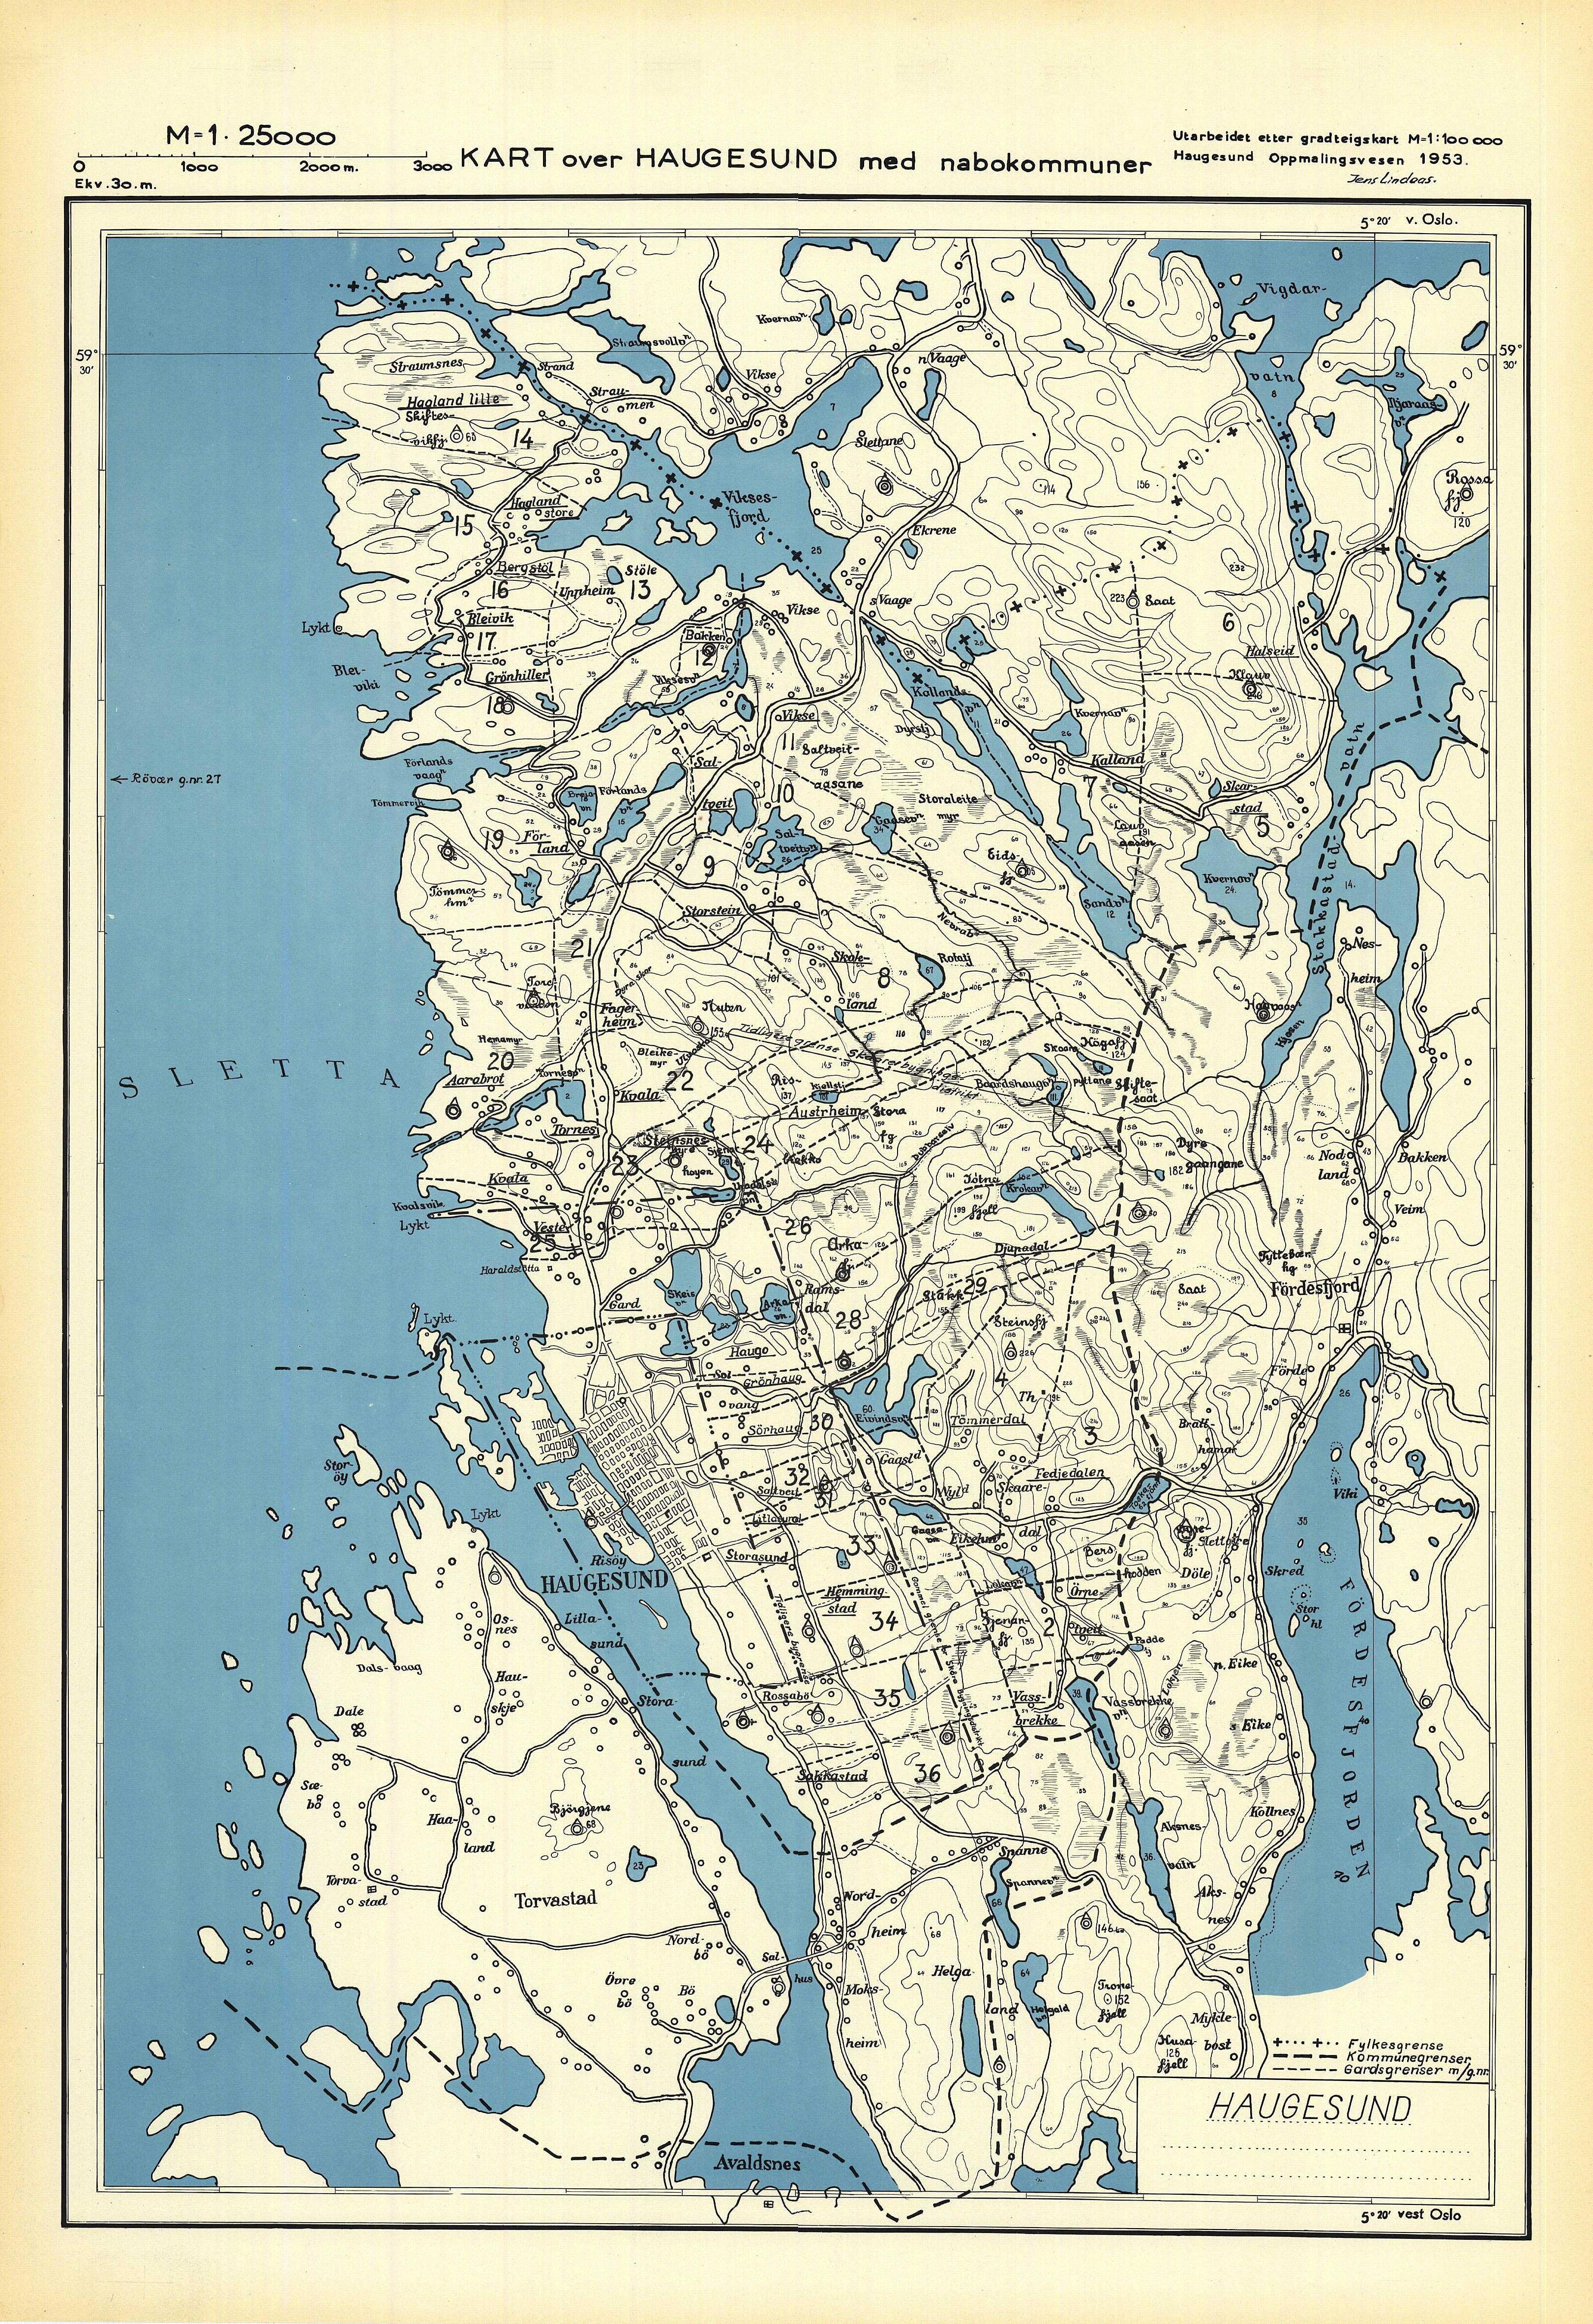 Haugesund_1953_kommuner_big